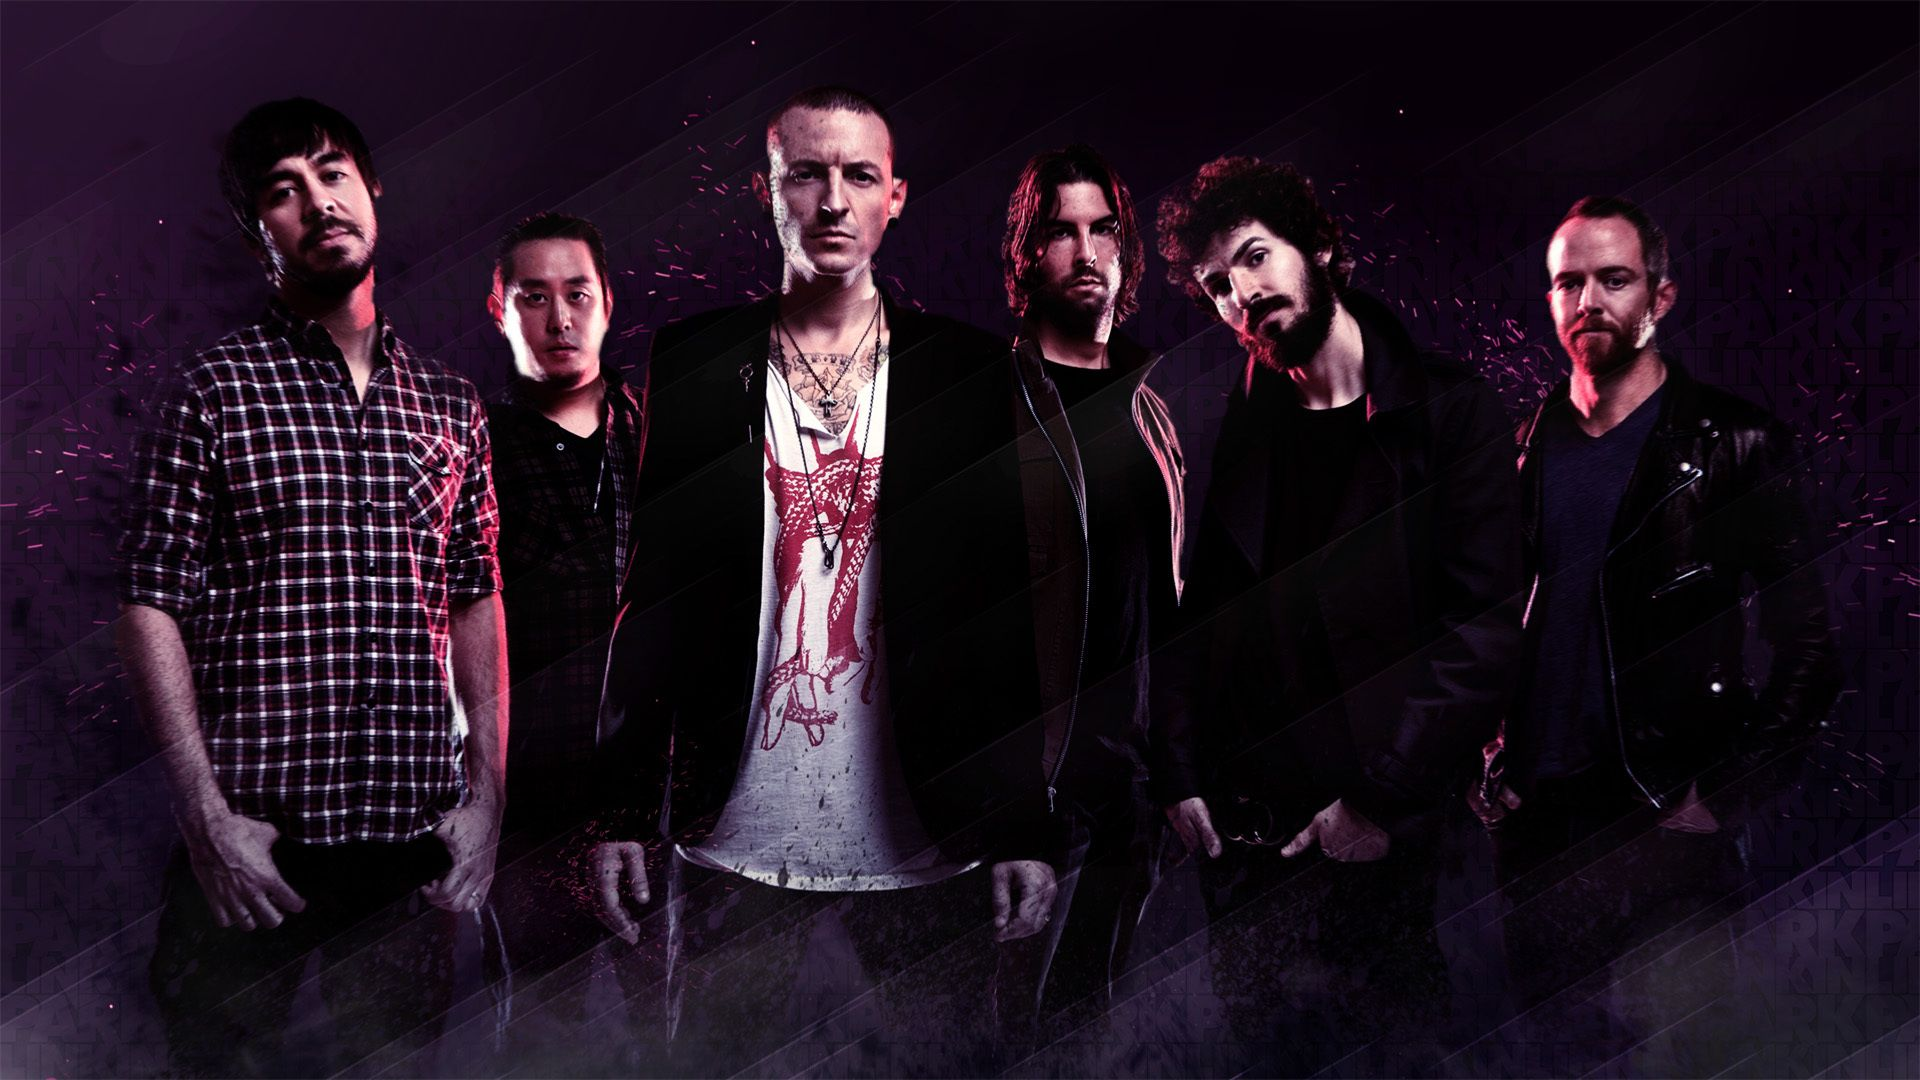 """Тверь услышит песни легендарной группы """"Linkin Park"""""""